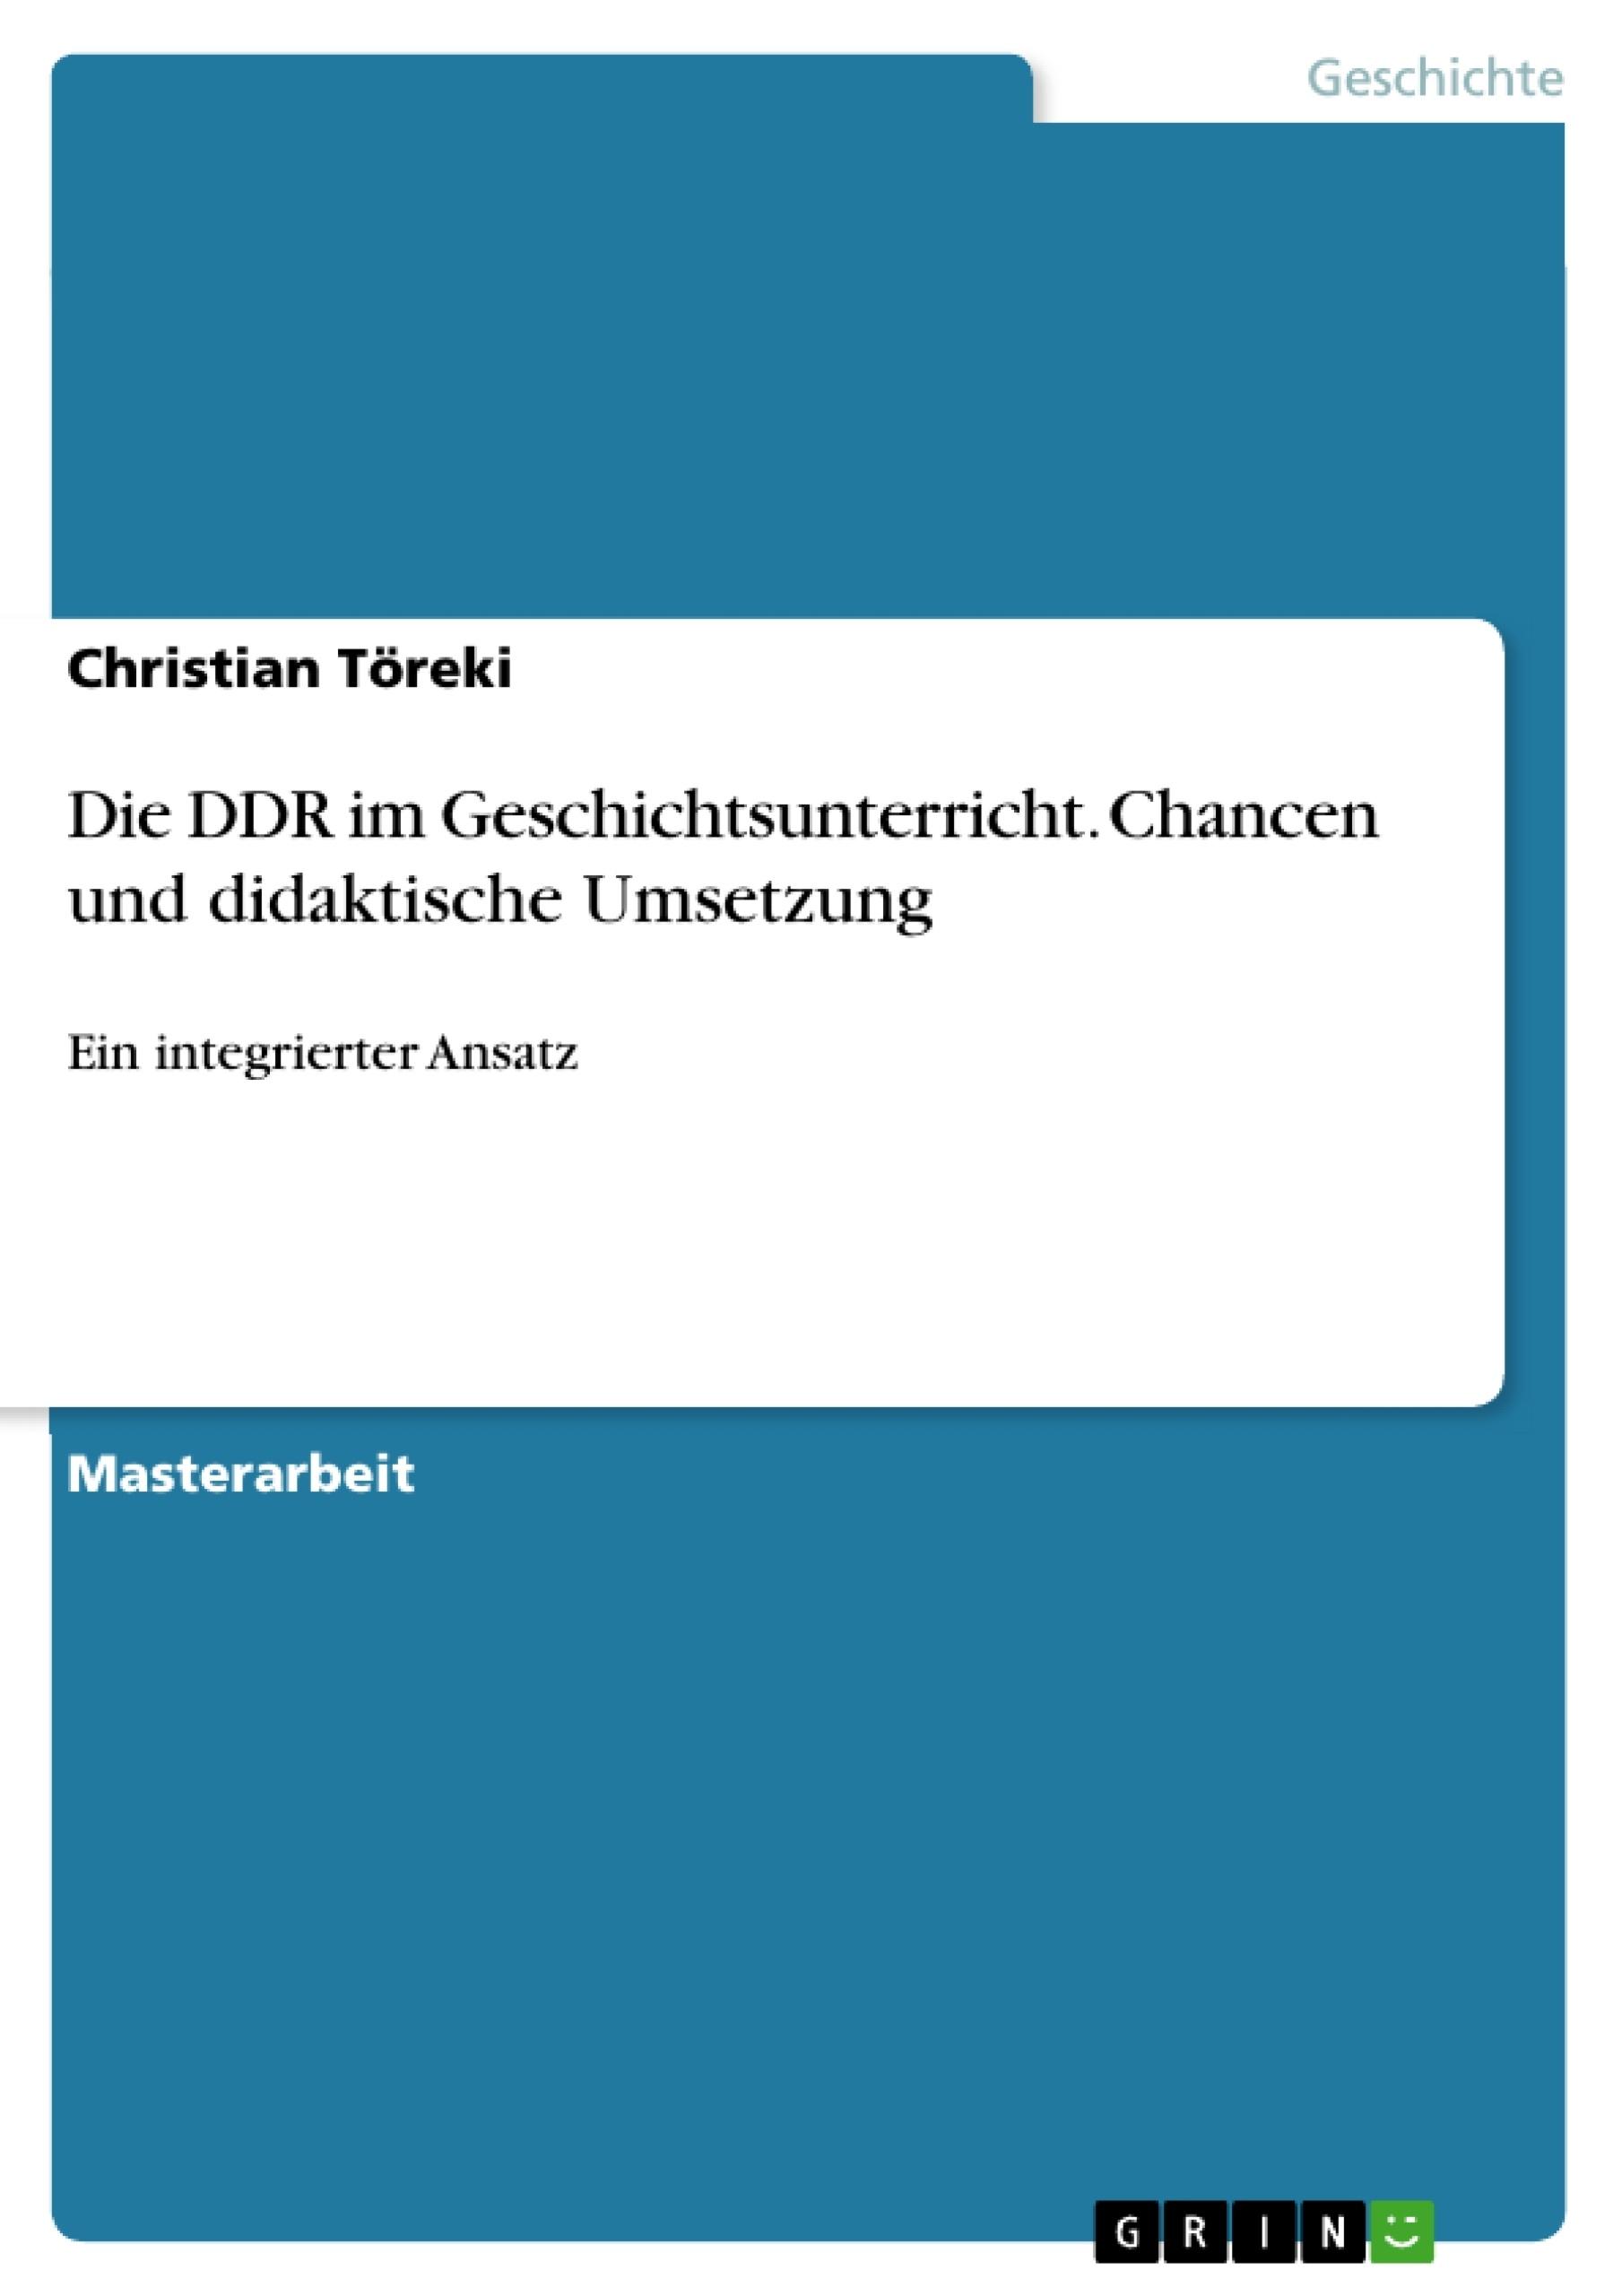 Titel: Die DDR im Geschichtsunterricht.  Chancen und didaktische Umsetzung